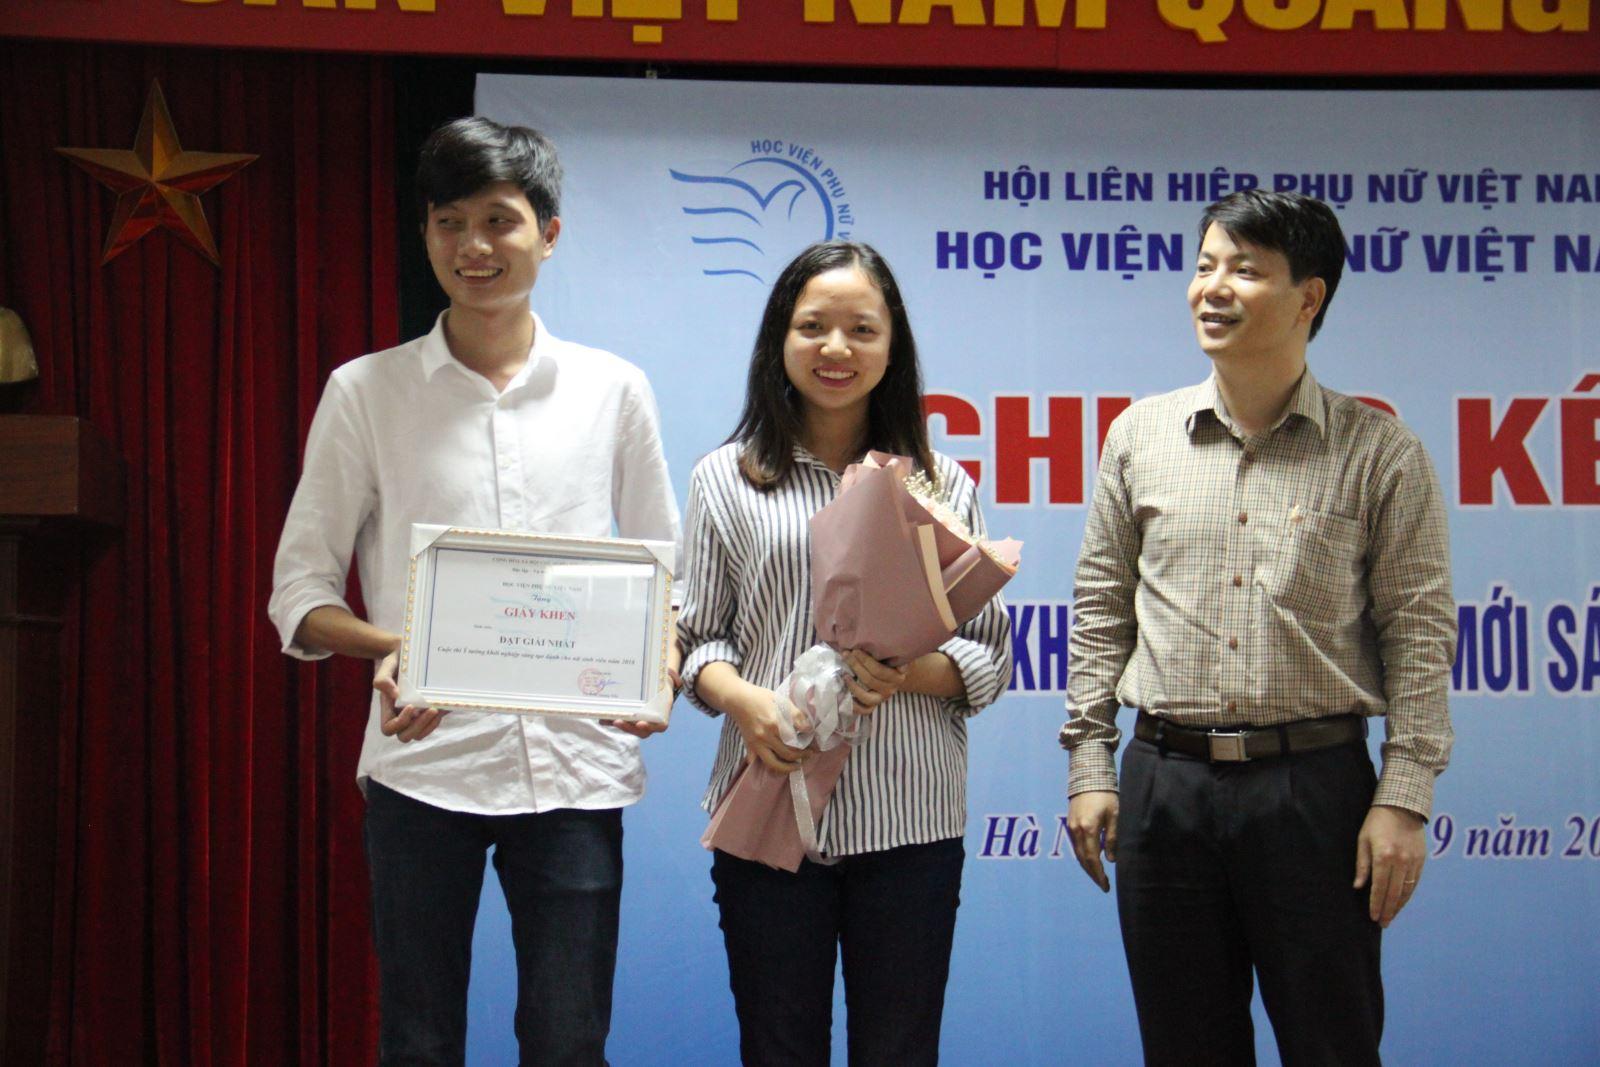 Vòng chung kết cuộc thi Ý tưởng khởi nghiệp sáng tạo dành cho nữ sinh viên 2018